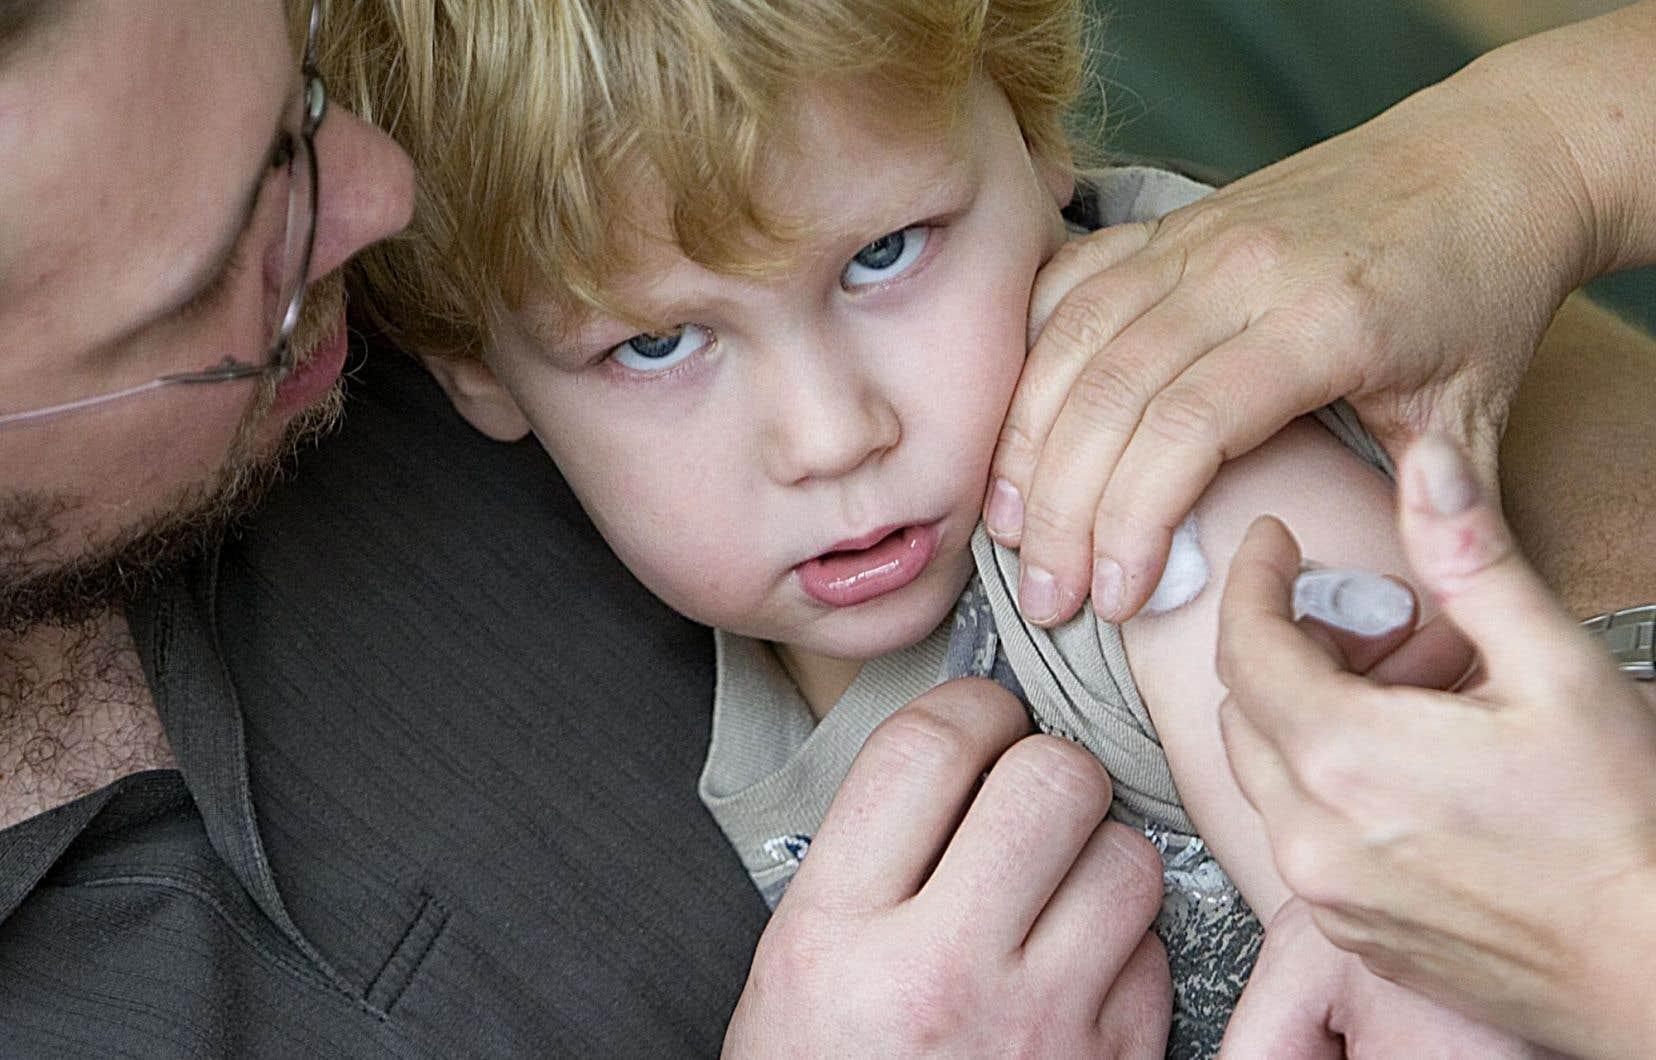 <p>Les enfants et les jeunes contribuent grandement à la propagation du virus de la grippe, d'où l'importance qu'ils soient vaccinés.</p>